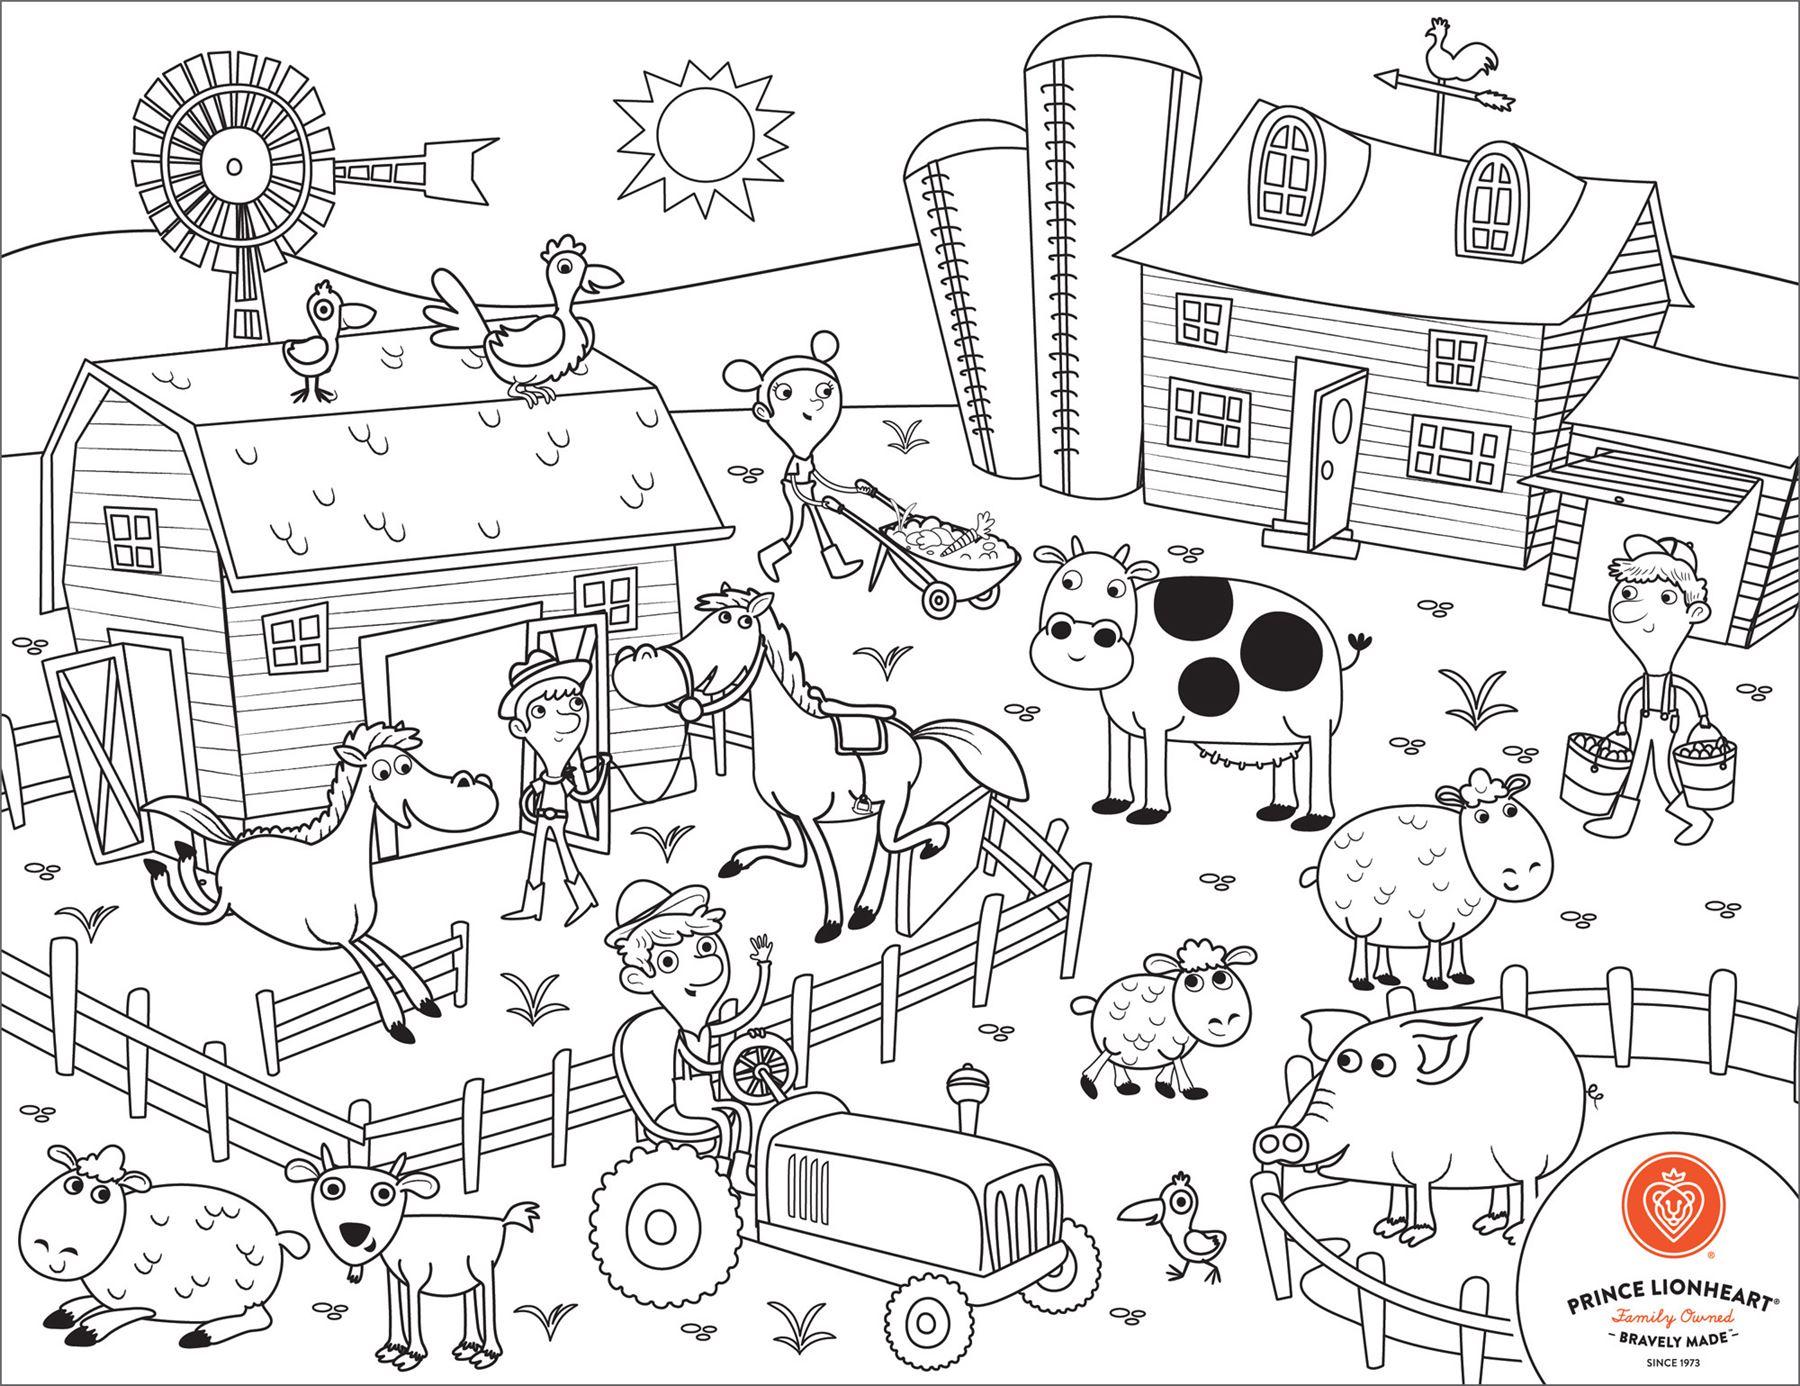 Prince Lionheart Colour Draw Placemat Farm Baby Activity